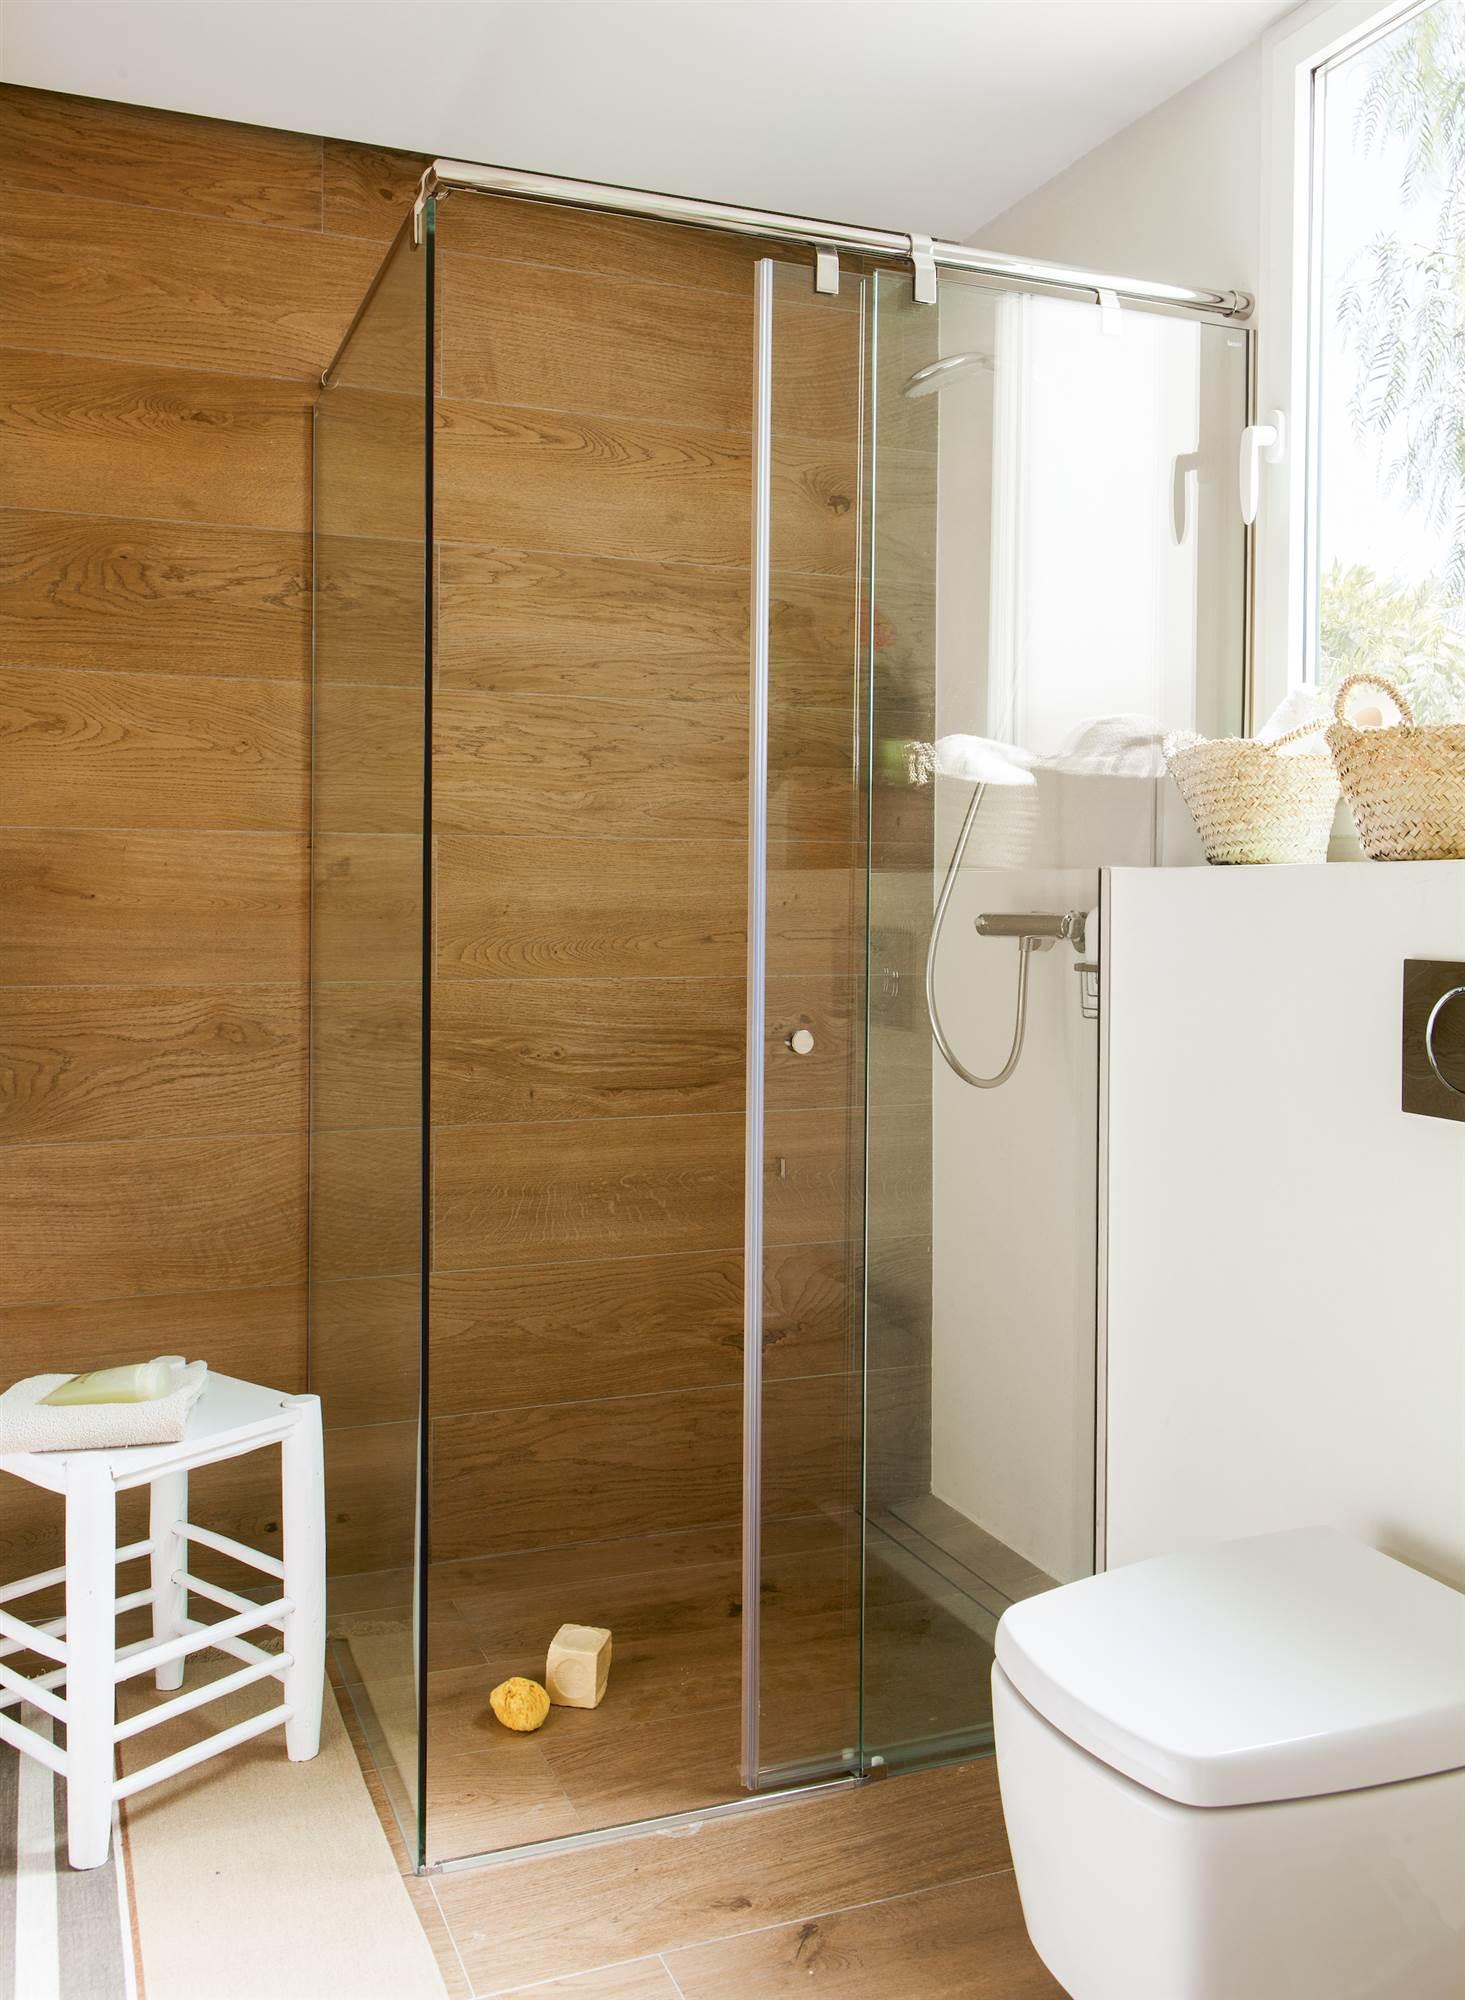 bao con ducha de madera 00420994 - Duchas Grandes